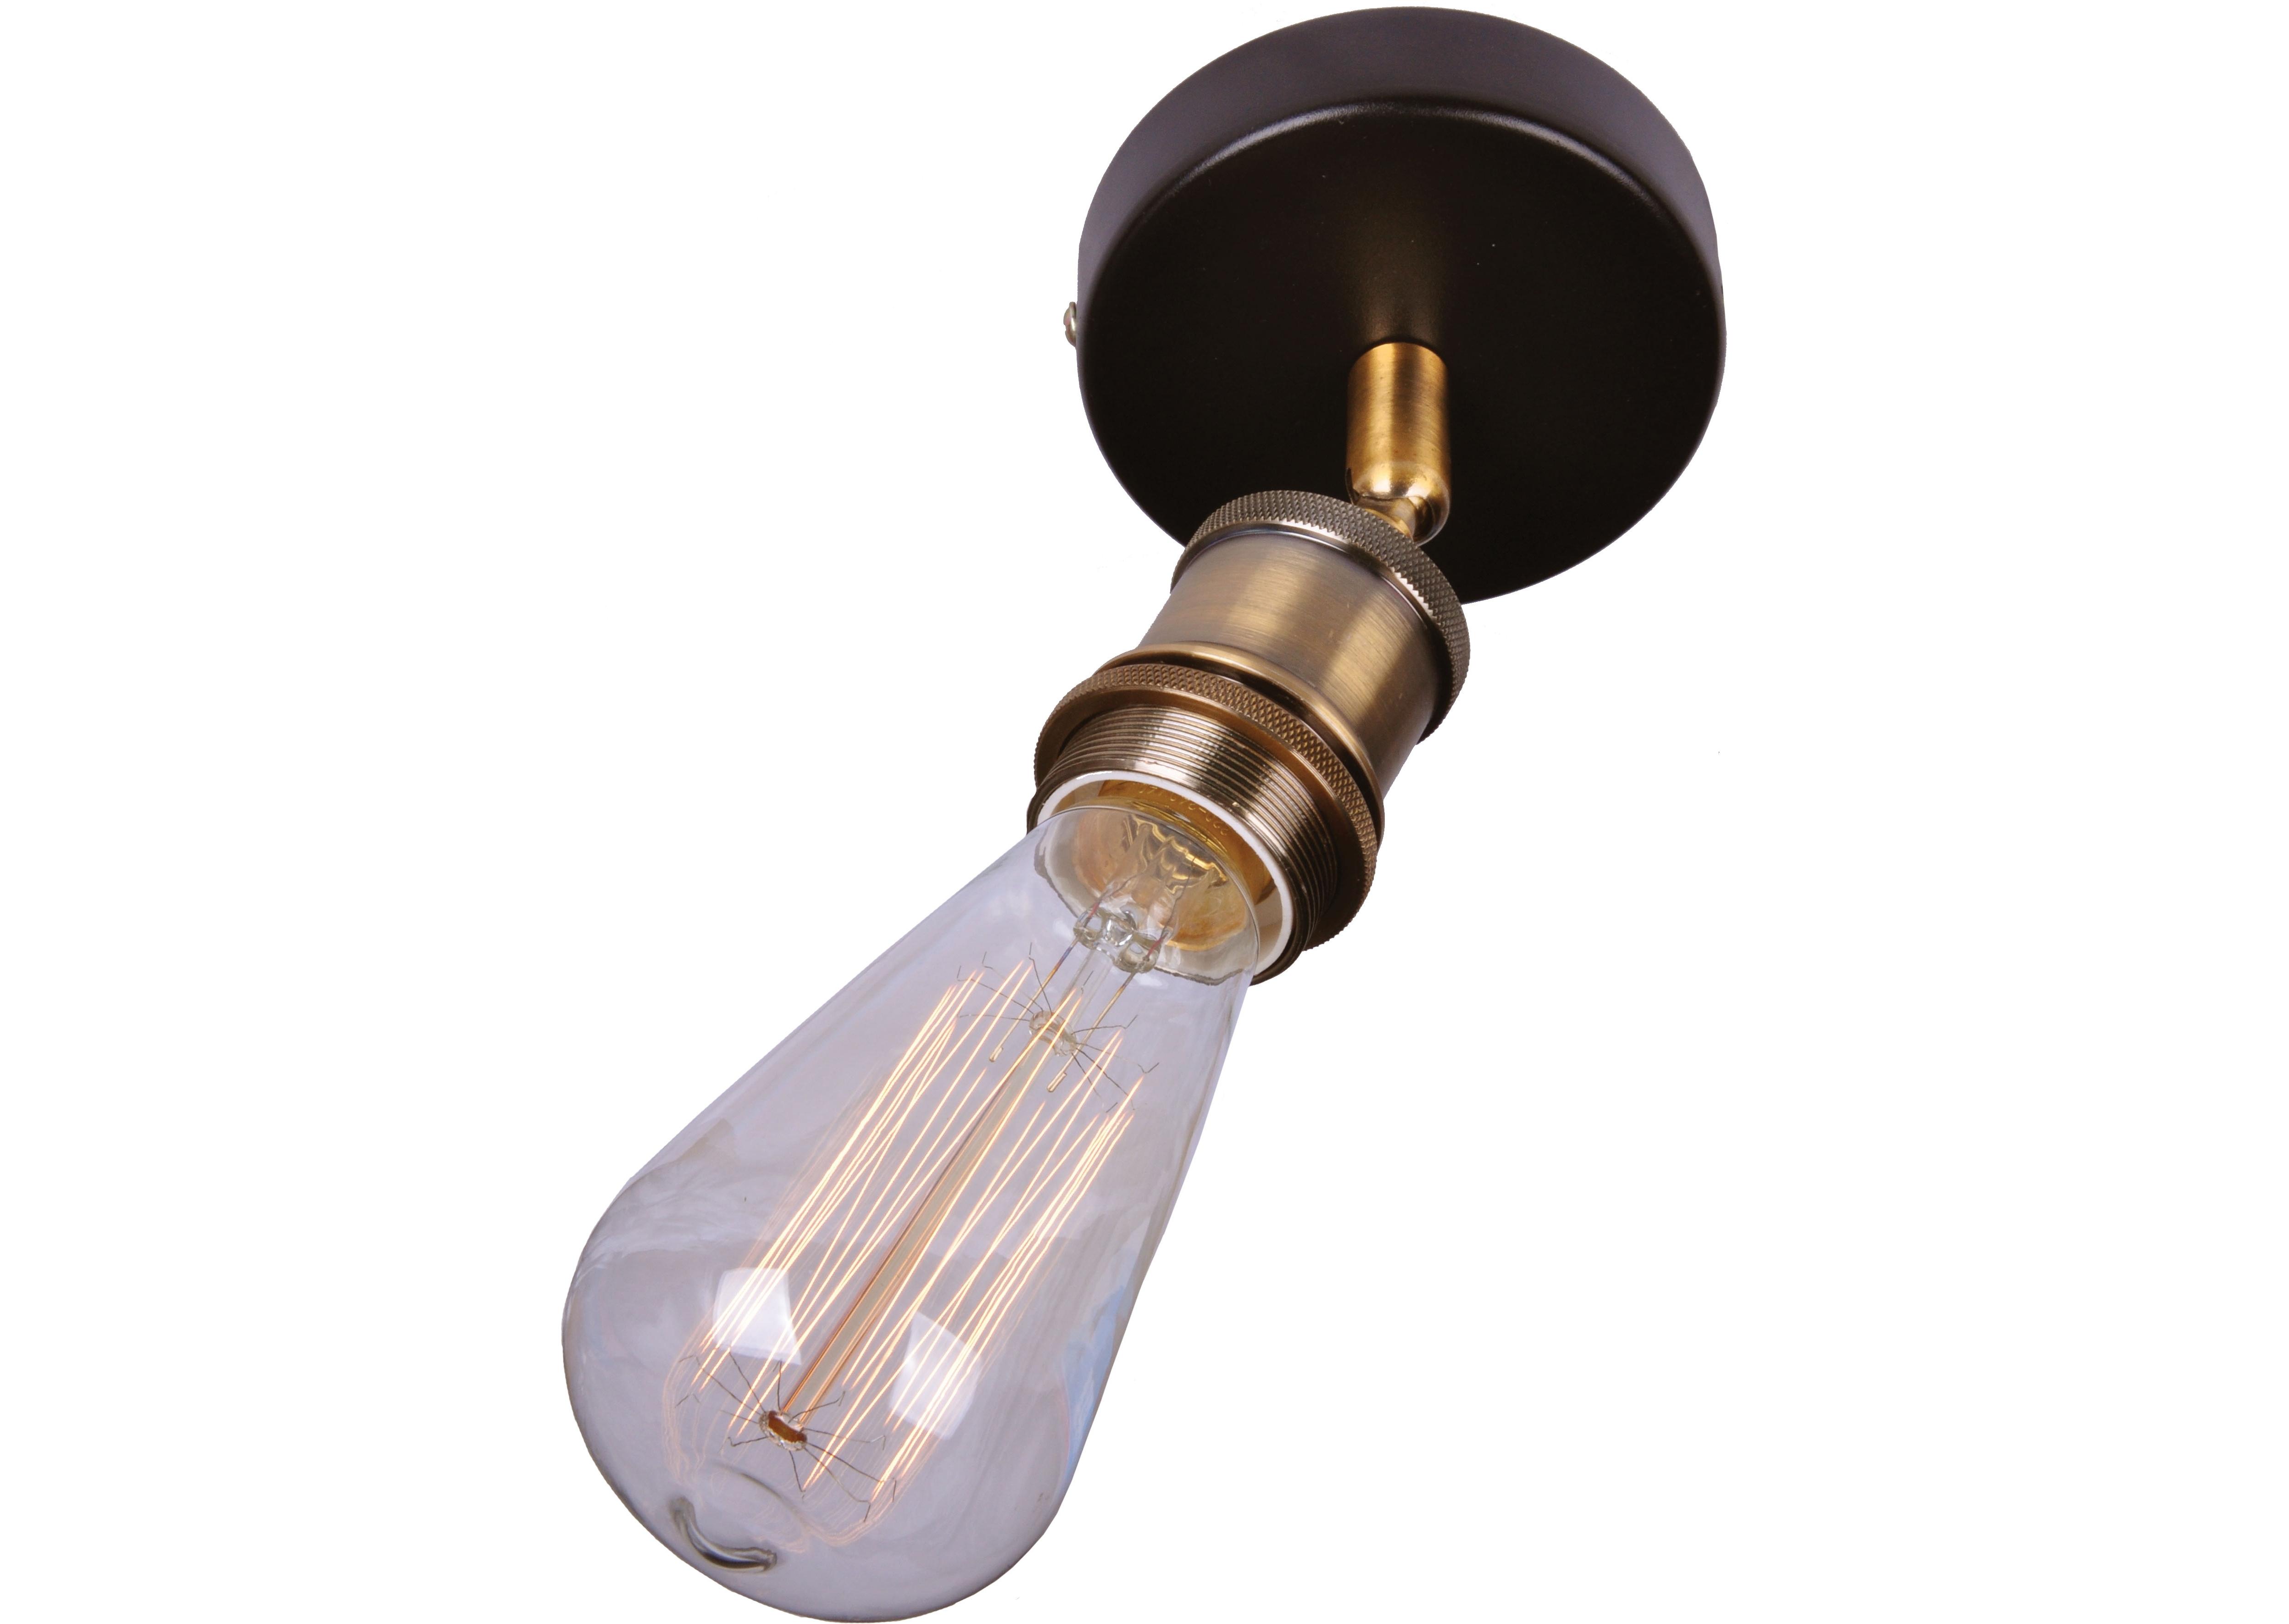 Потолочный светильникПотолочные светильники<br>&amp;lt;div&amp;gt;&amp;lt;div&amp;gt;Вид цоколя: E27&amp;lt;/div&amp;gt;&amp;lt;div&amp;gt;Мощность: &amp;amp;nbsp;60W&amp;amp;nbsp;&amp;lt;/div&amp;gt;&amp;lt;div&amp;gt;Количество ламп: 1 (в комплекте)&amp;lt;/div&amp;gt;&amp;lt;/div&amp;gt;&amp;lt;div&amp;gt;&amp;lt;br&amp;gt;&amp;lt;/div&amp;gt;<br><br>Material: Металл<br>Ширина см: 12<br>Высота см: 17